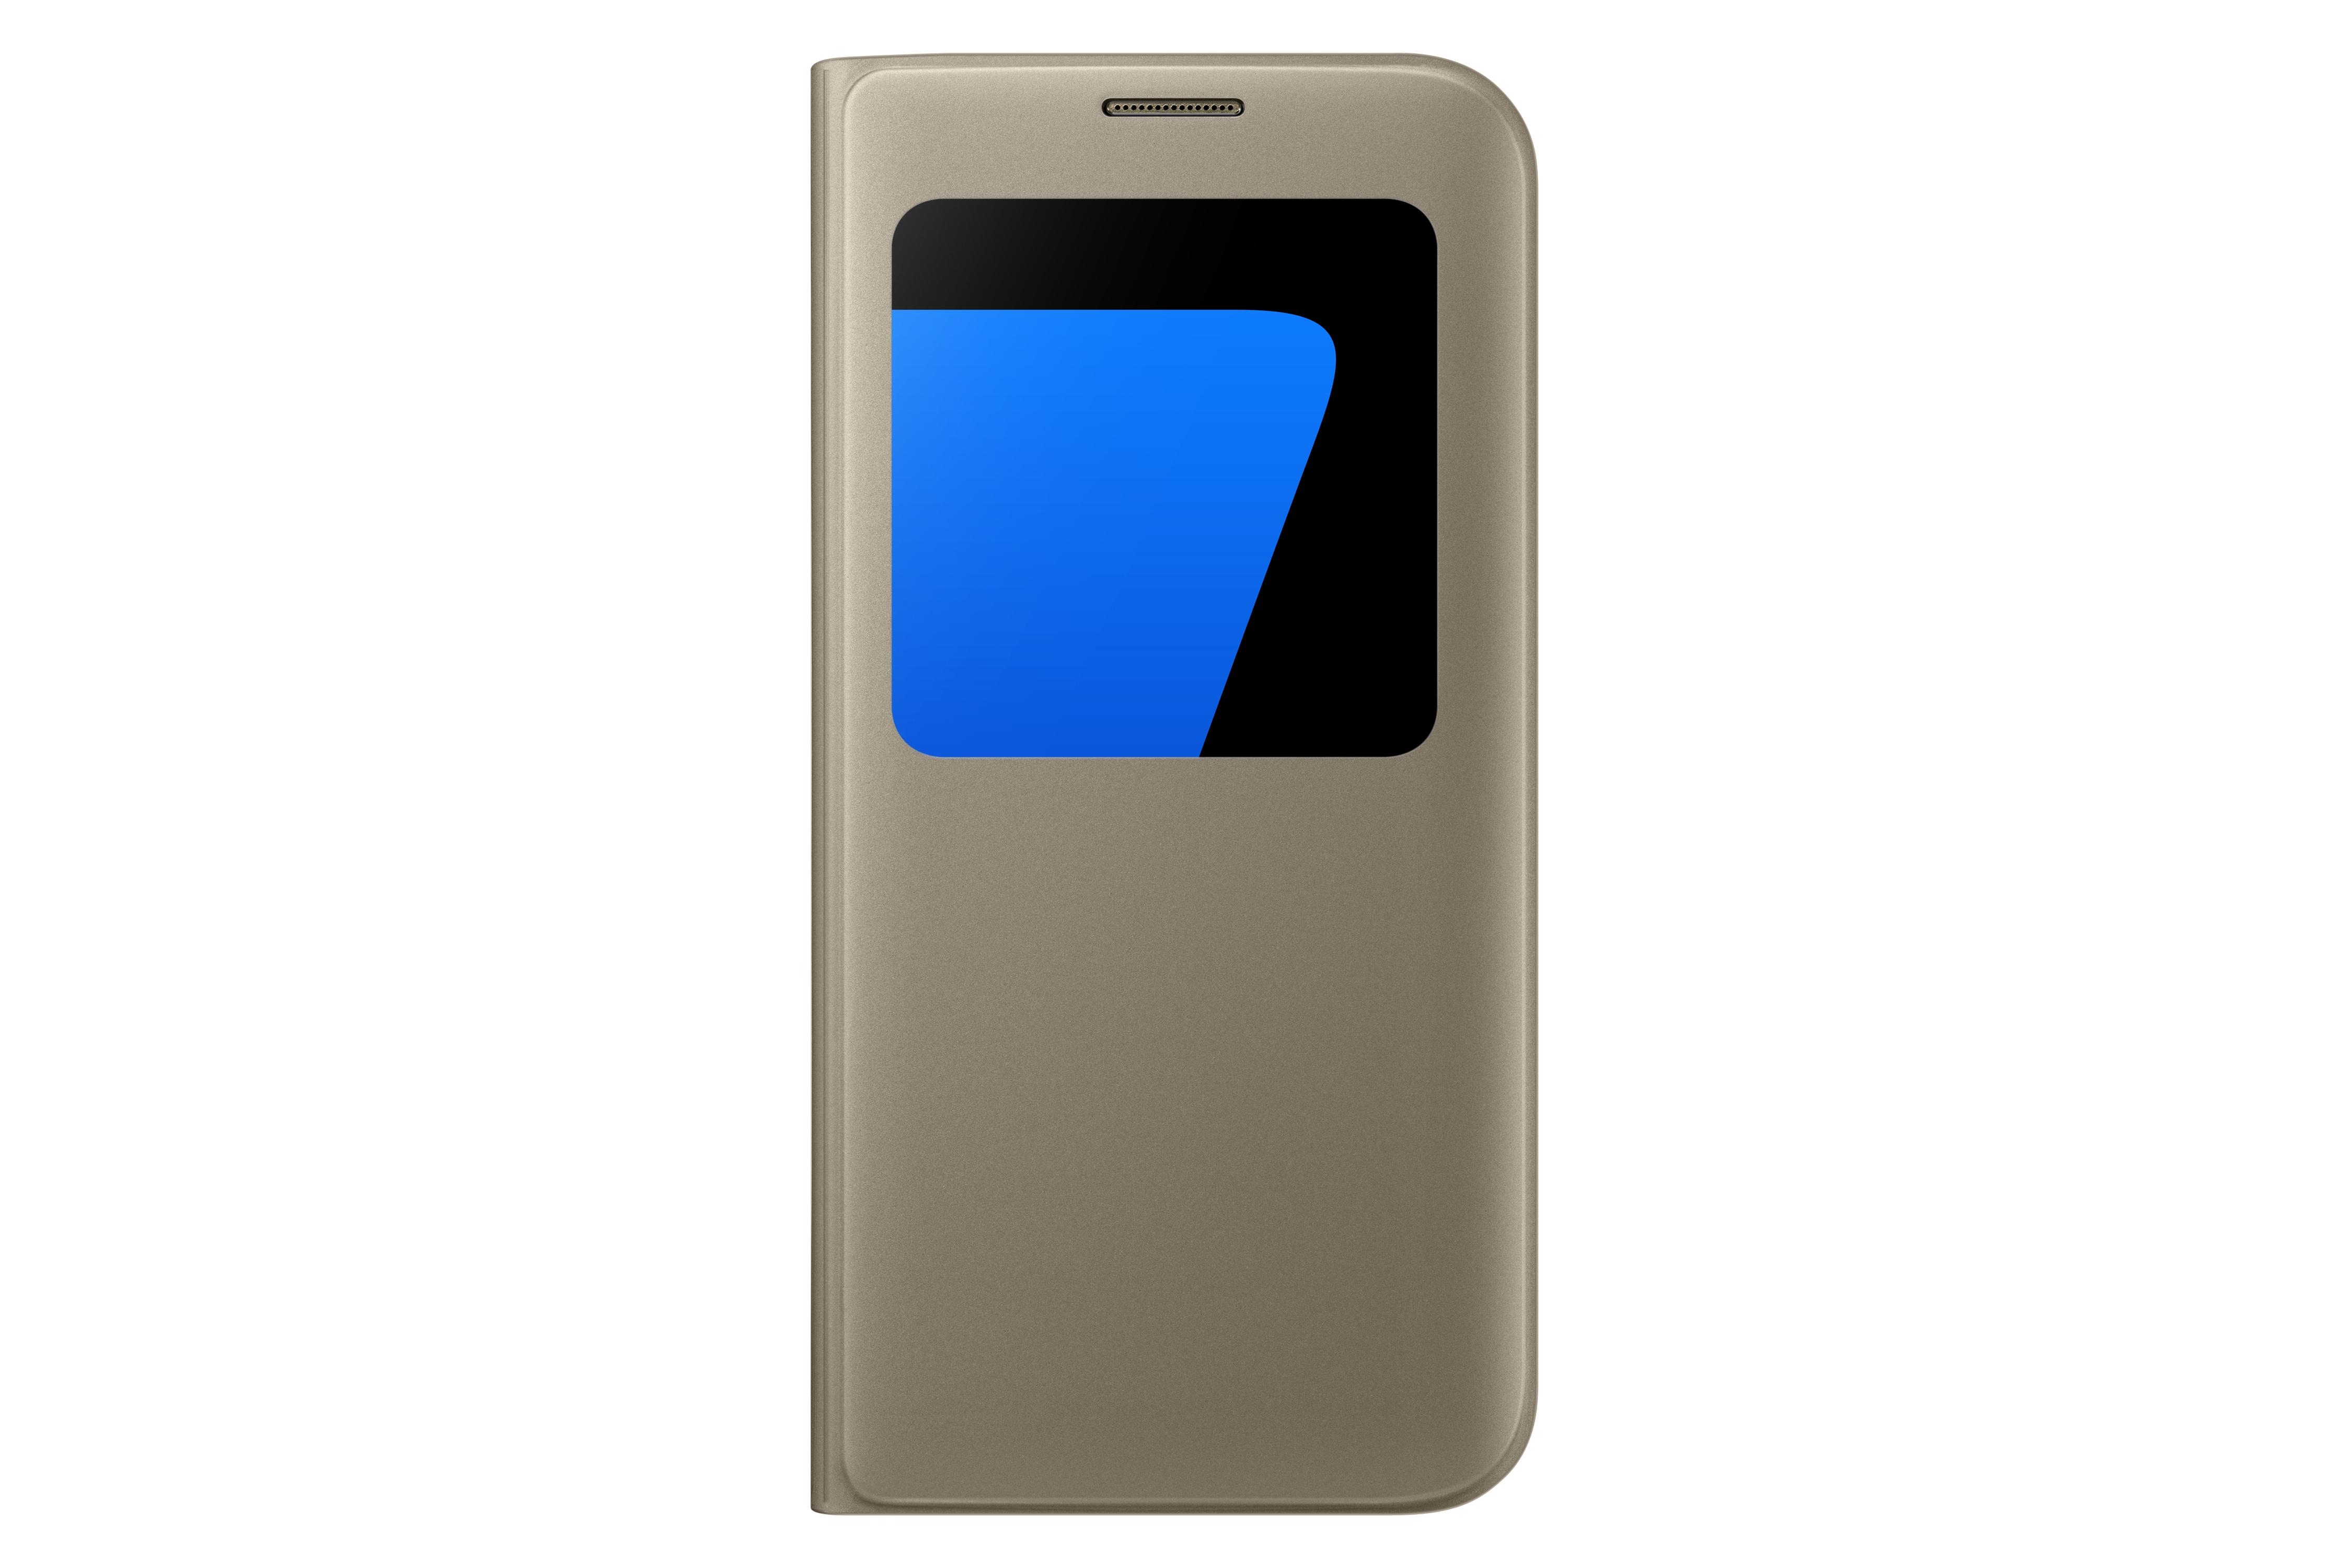 Etui à fenêtre S VIEW Samsung Galaxy S7 EDGE Or